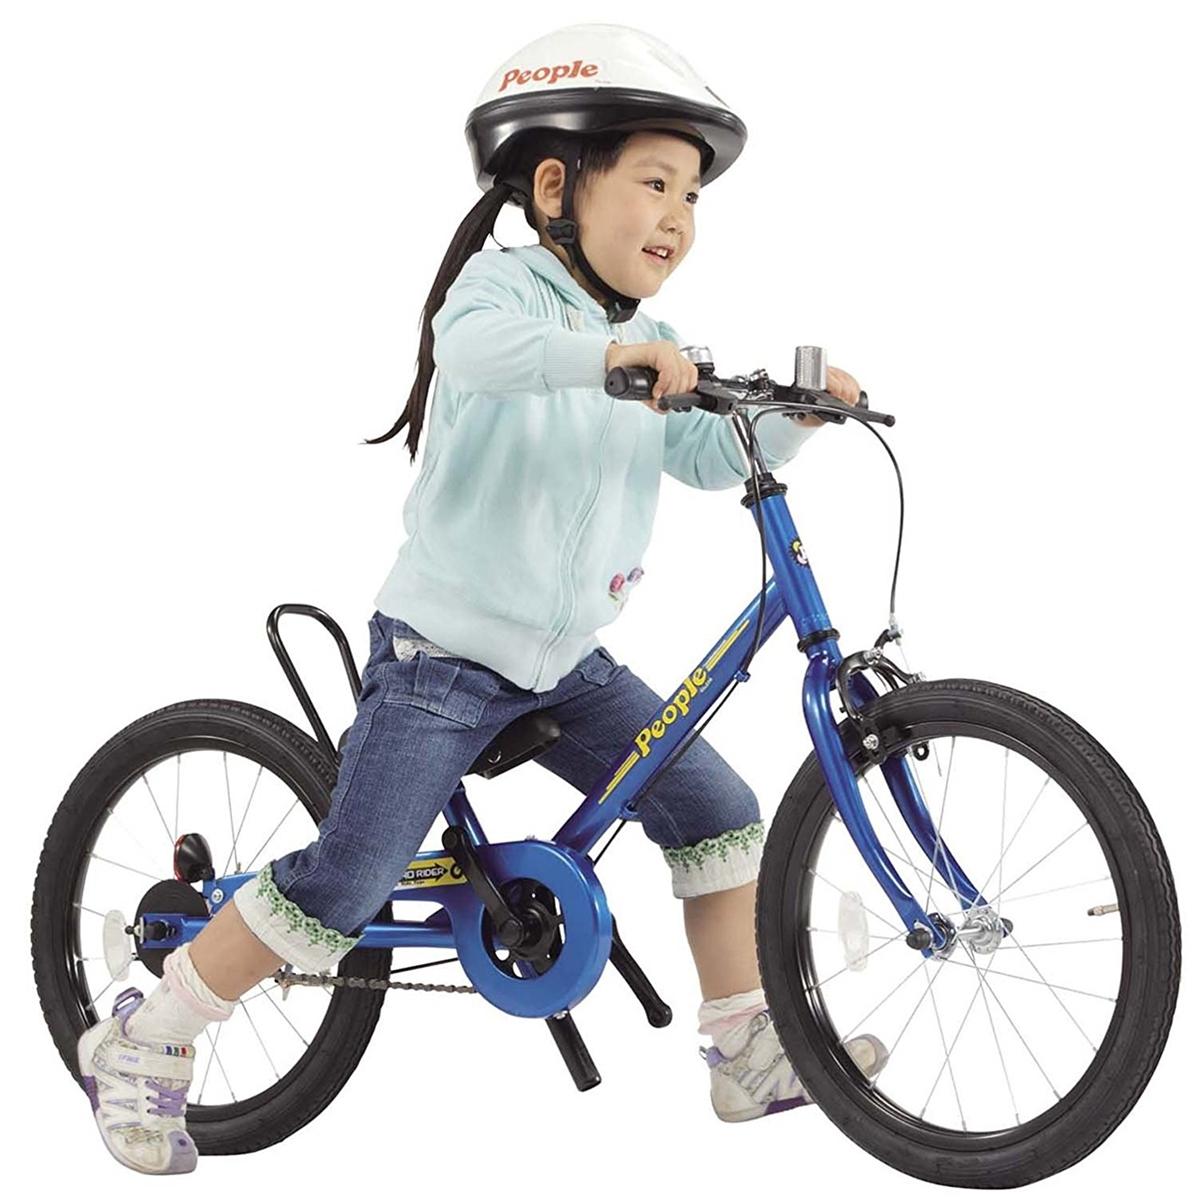 クリスマスプレゼント 子供用自転車 18 補助輪パスして ラクショーライダー ピープル ブルースター 自転車 18インチ